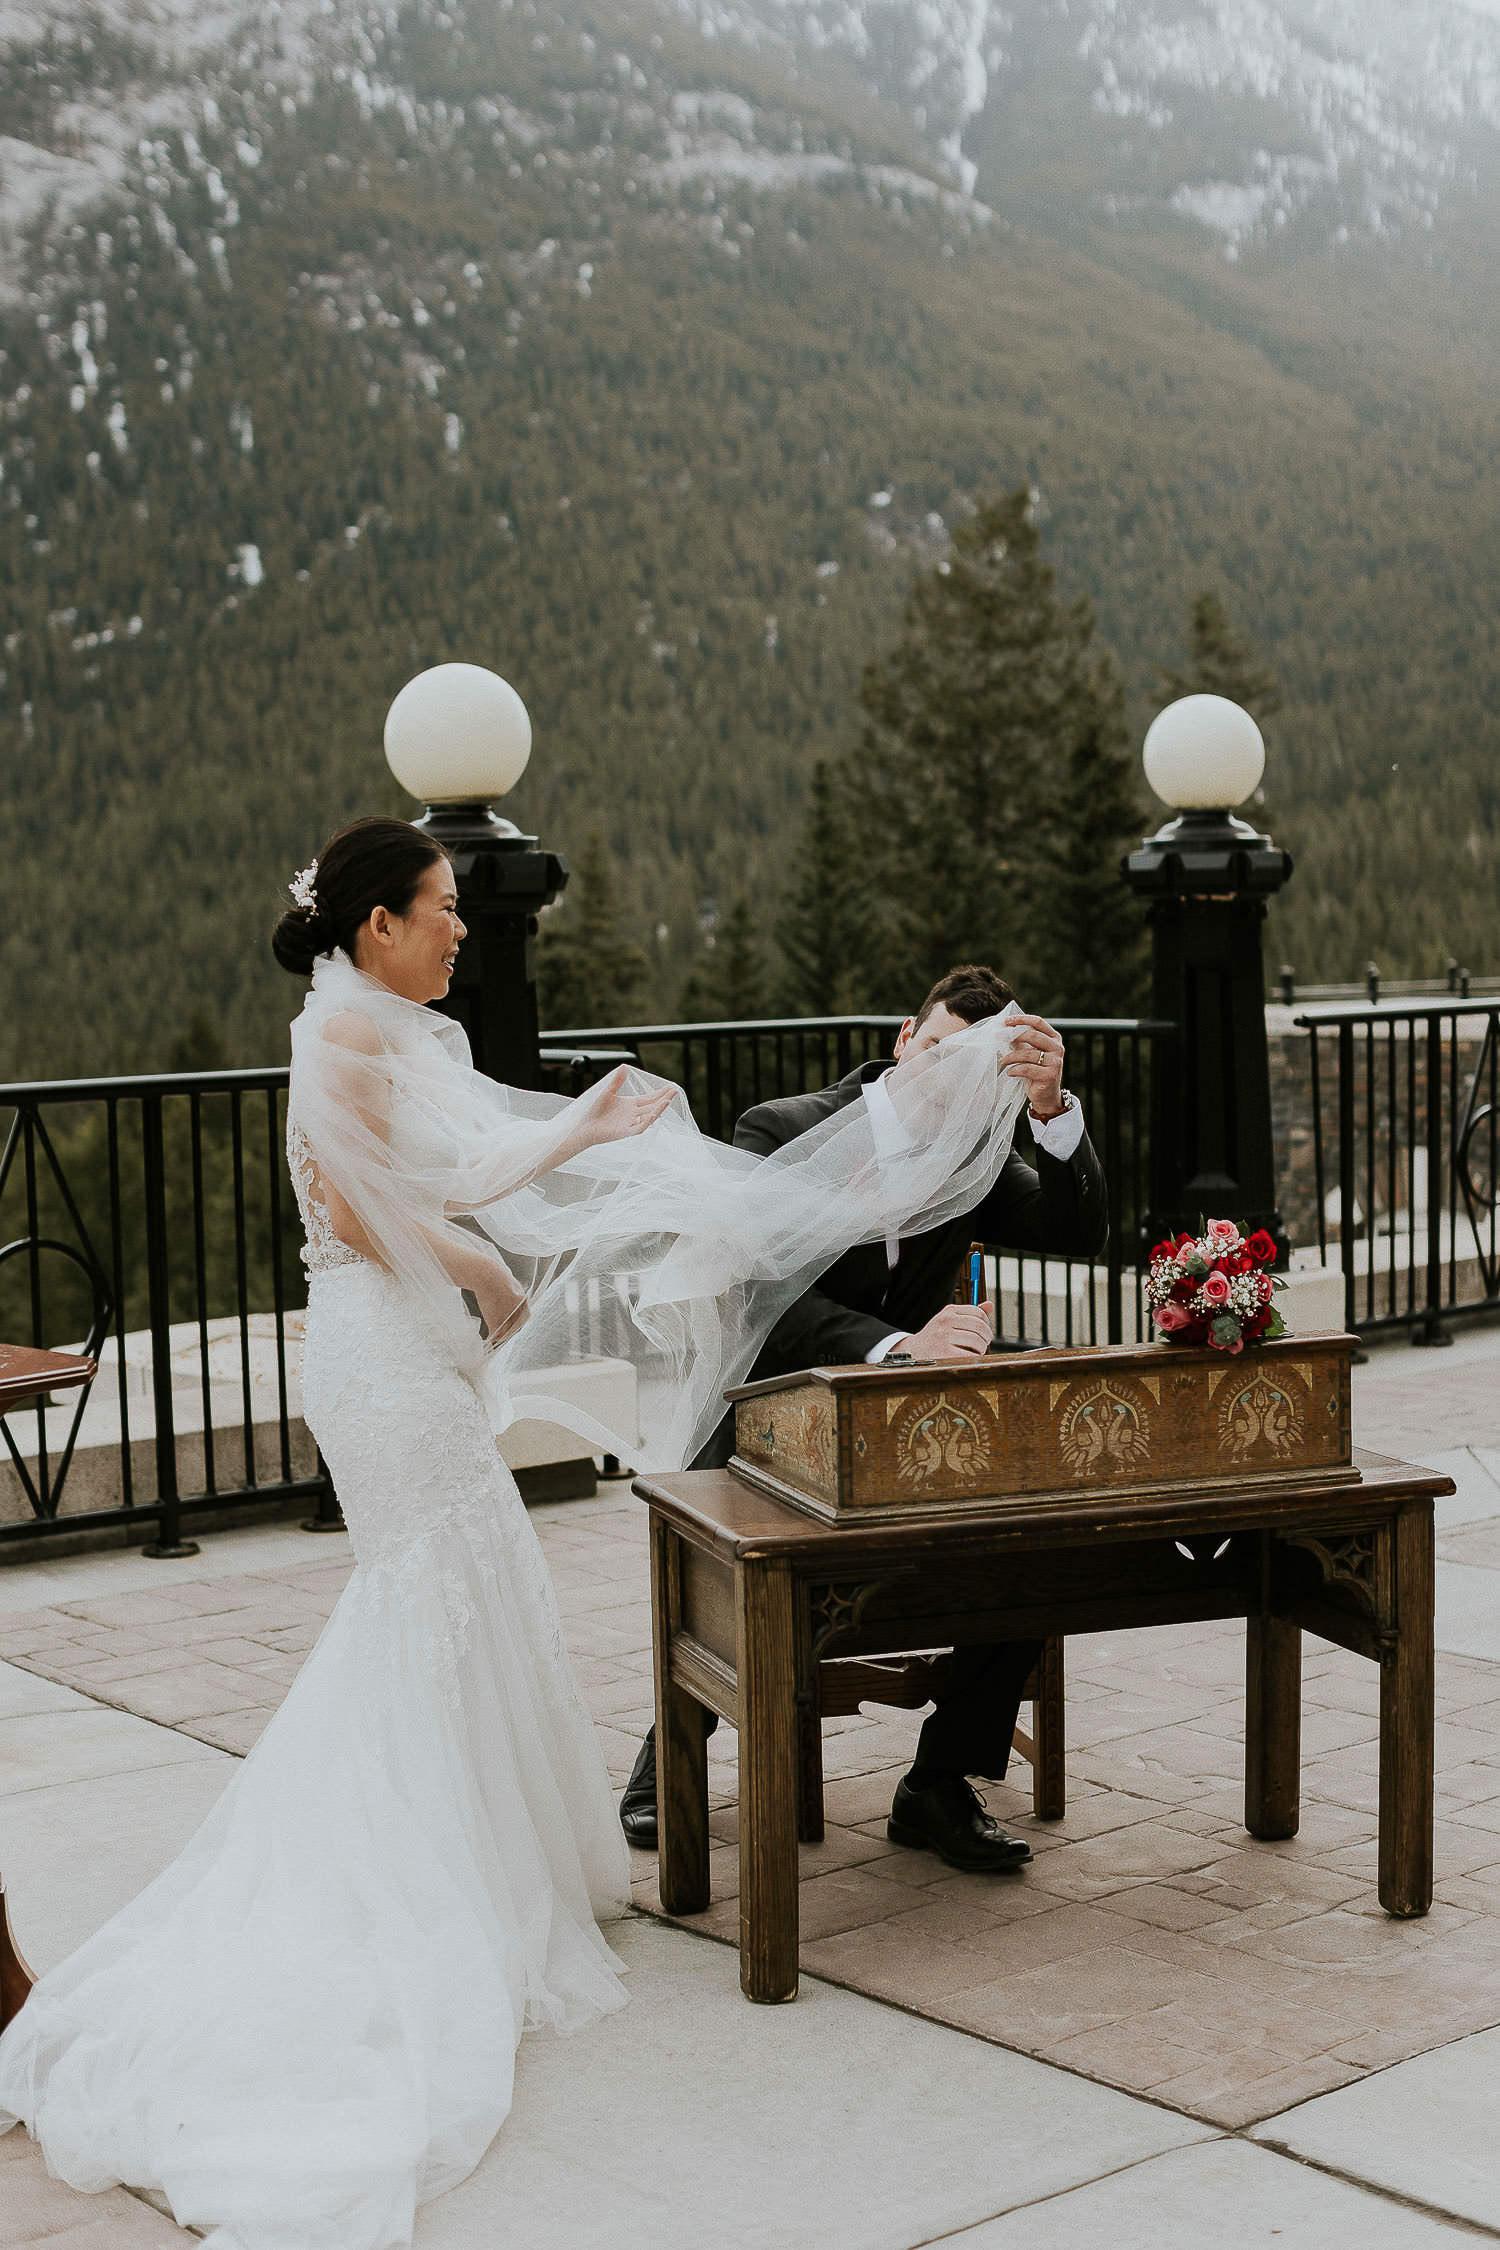 intimate-wedding-at-banff-springs-hotel-sarah-pukin-0107